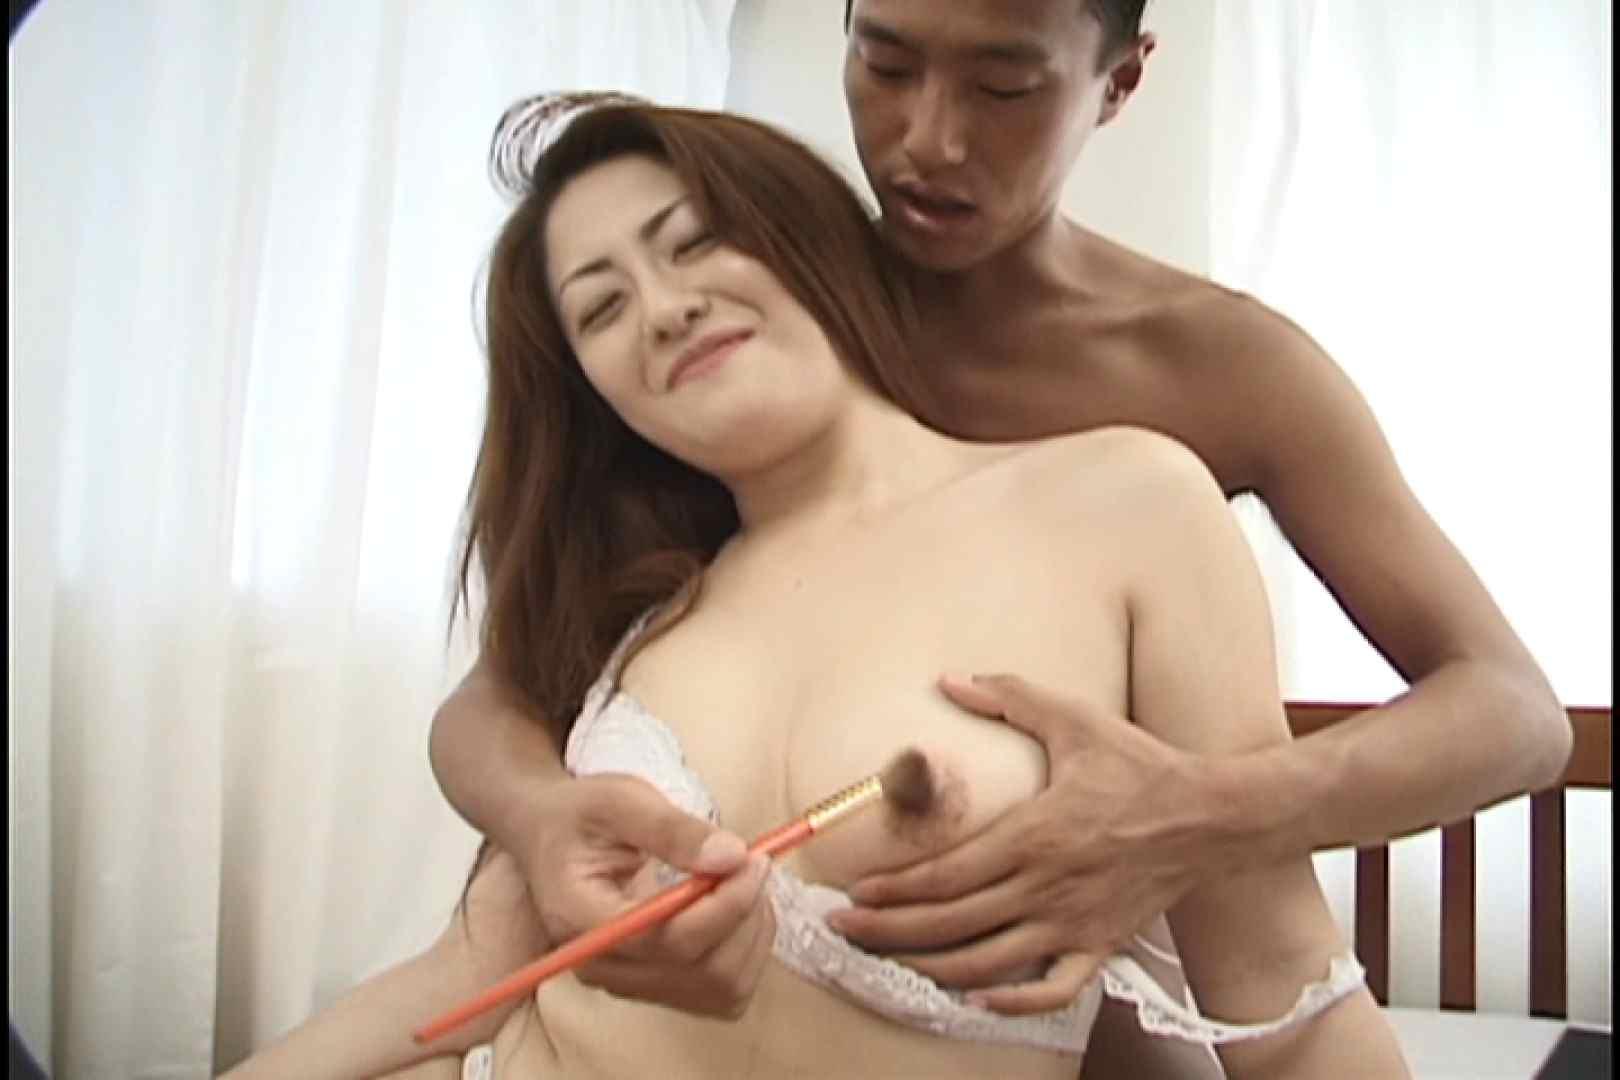 昼間の奥様は欲求不満 ~青井祐子~ SEX映像  91pic 66